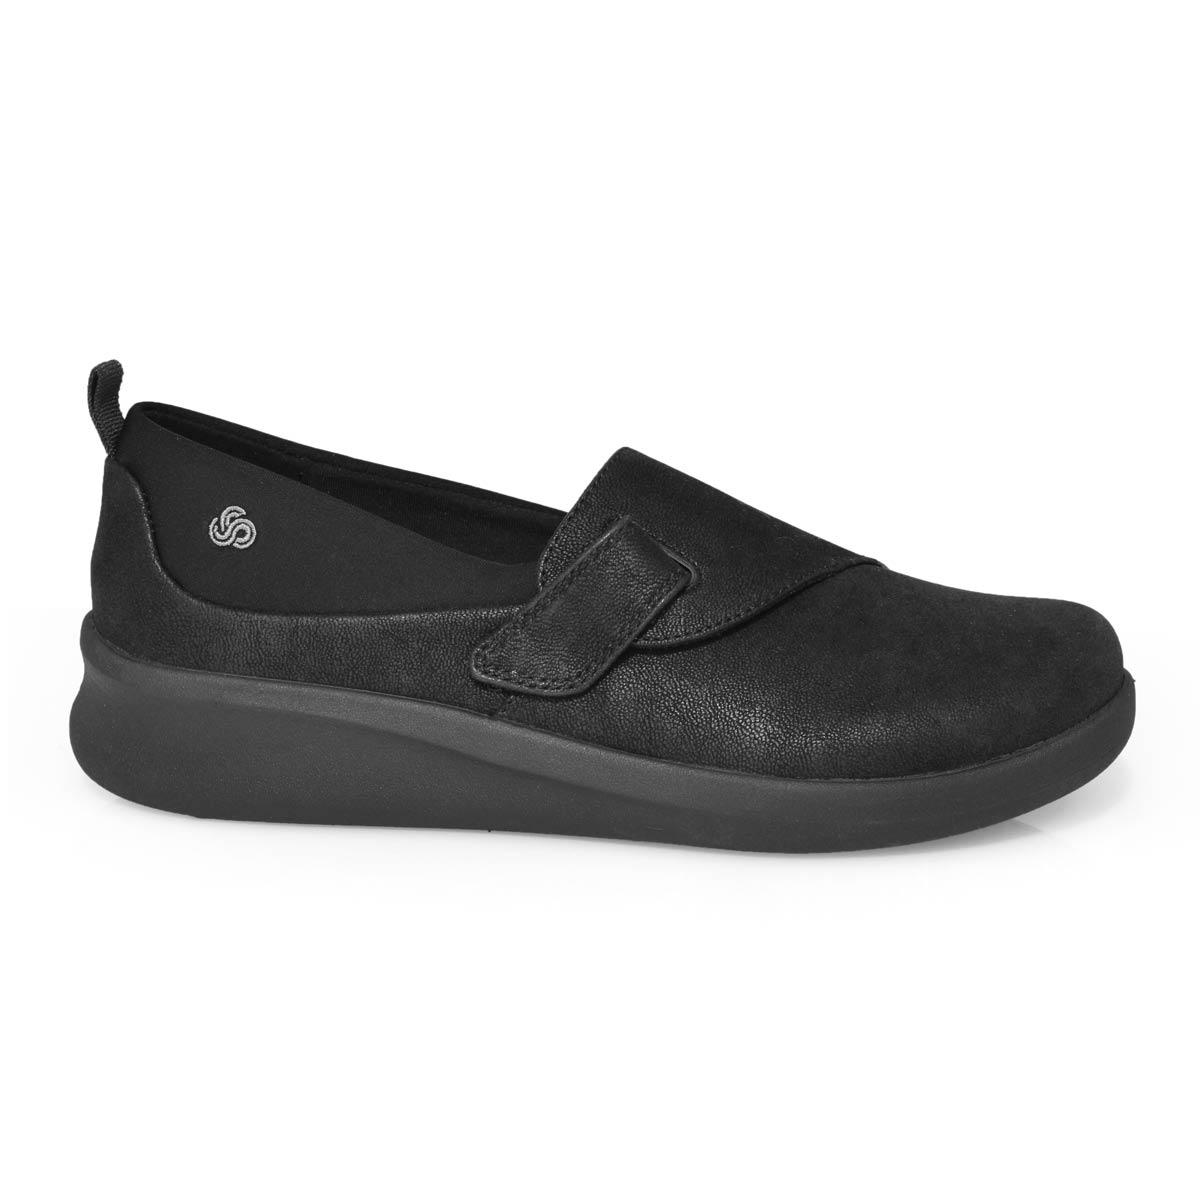 Lds Sillian 2.0 Ease black slip on shoe